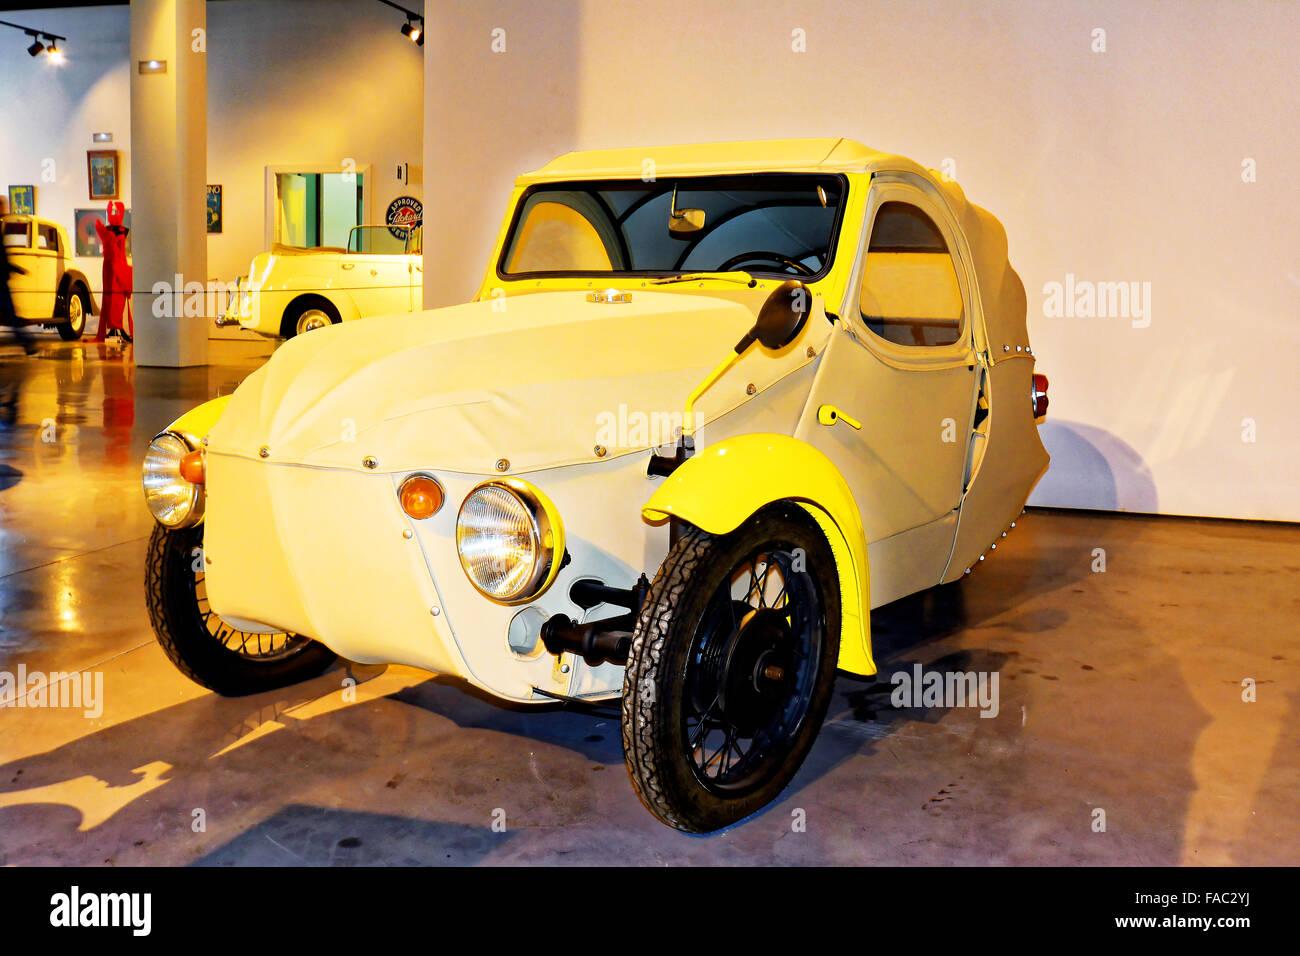 Spain Automovilistico De Malaga Czechoslovakia Velorex Baby Car - Stock Image